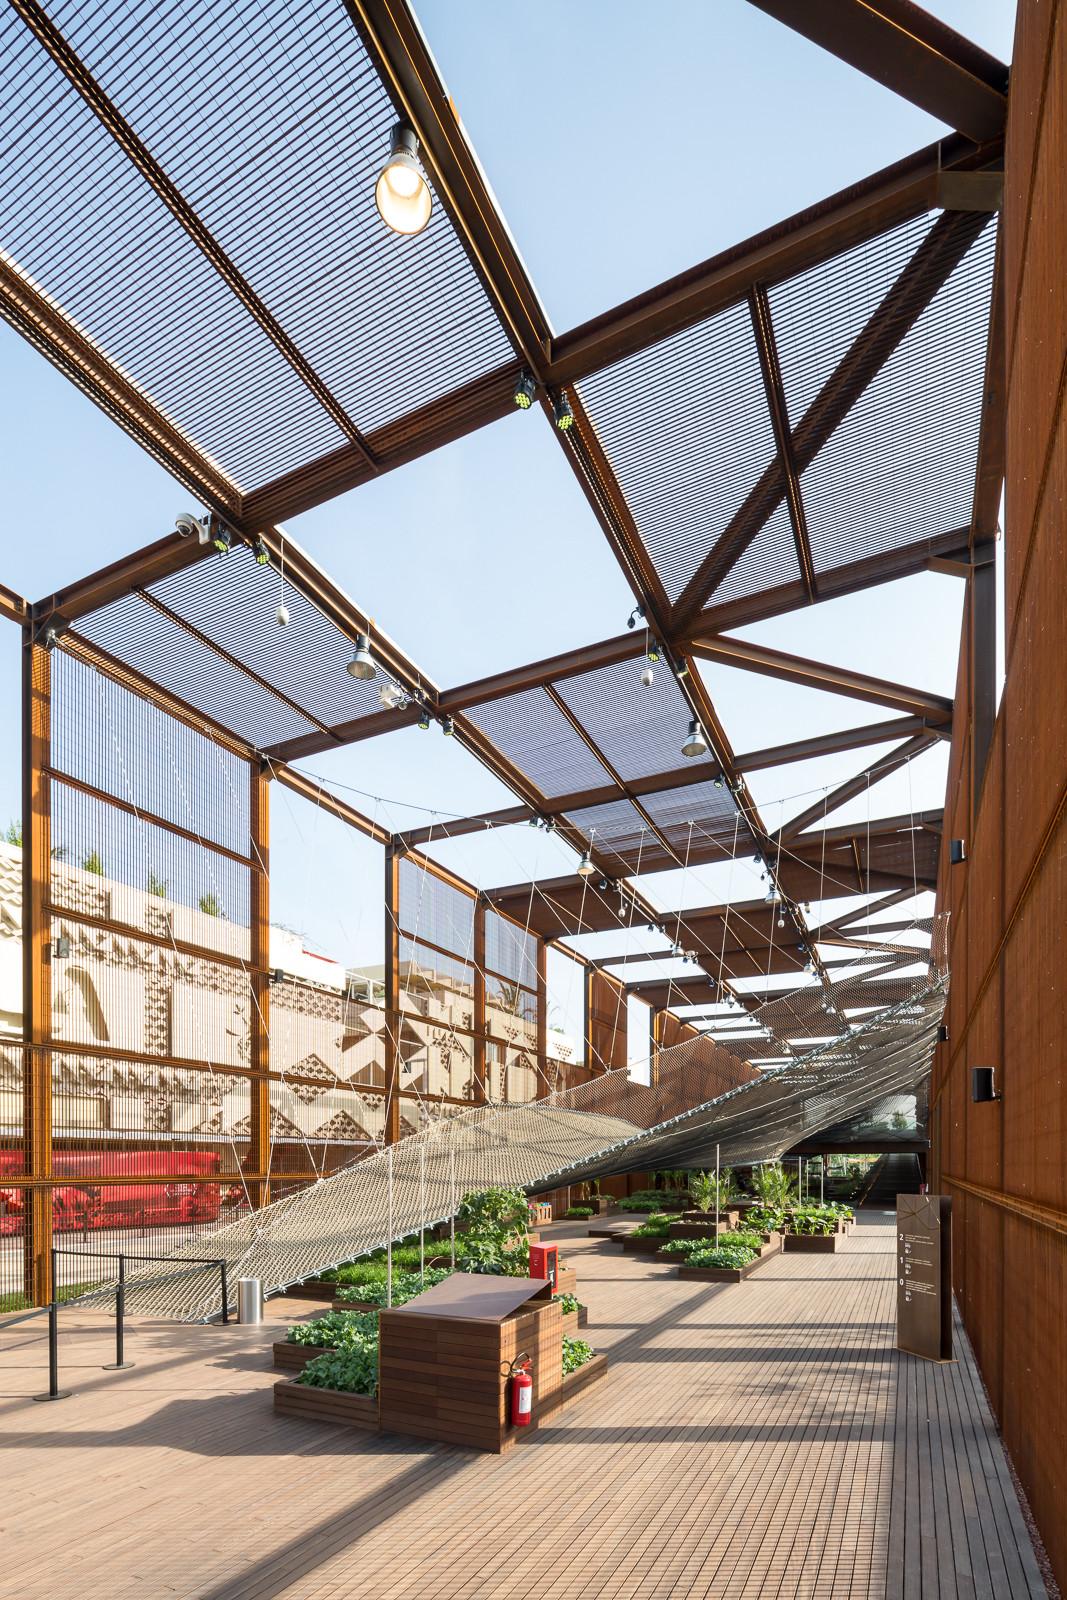 Gallery of brazil pavilion milan expo 2015 studio - Cubiertas para casas ...